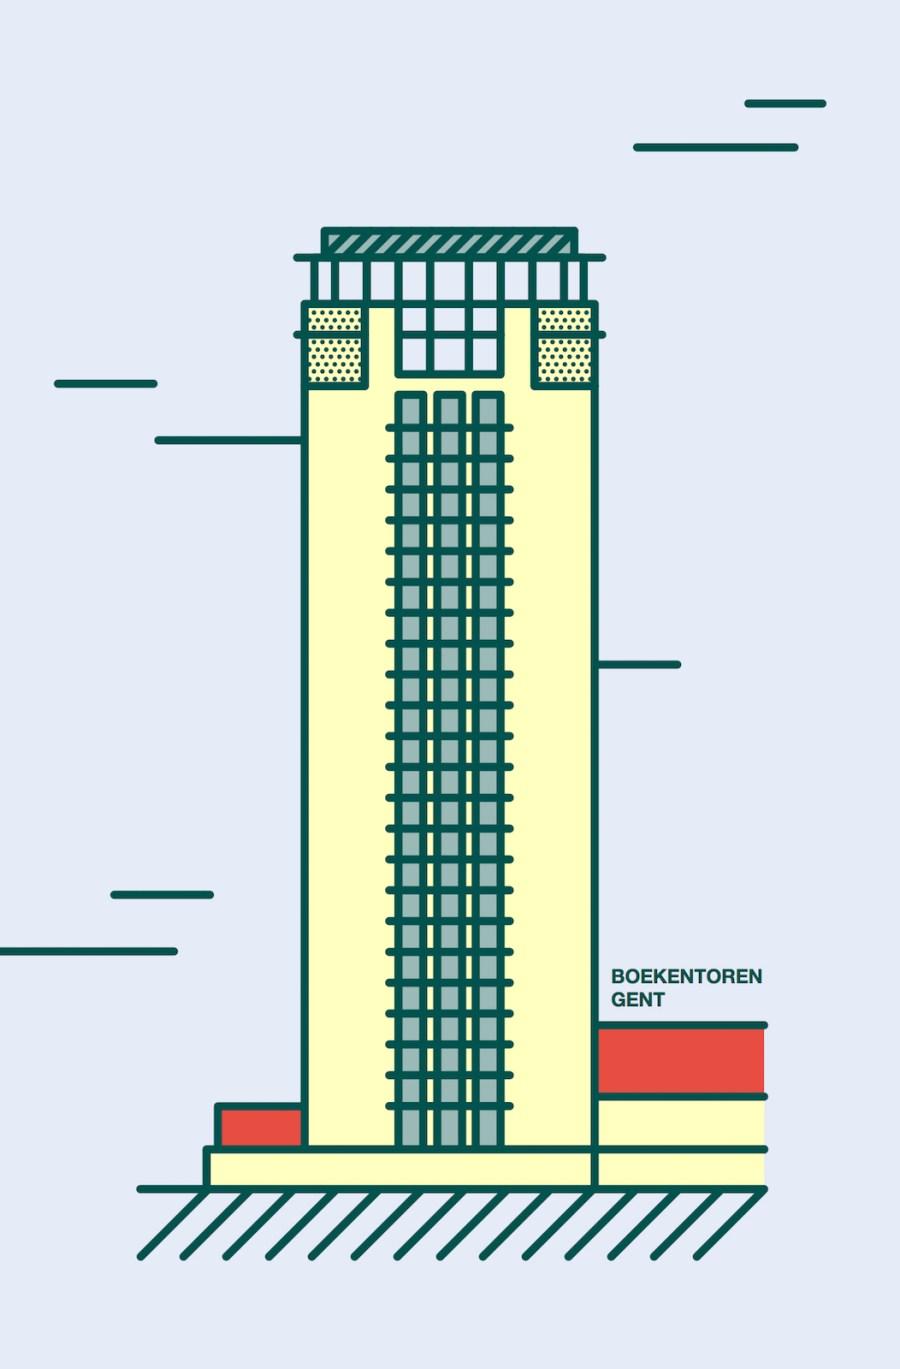 boekentoren-van-de-sijpe-peter